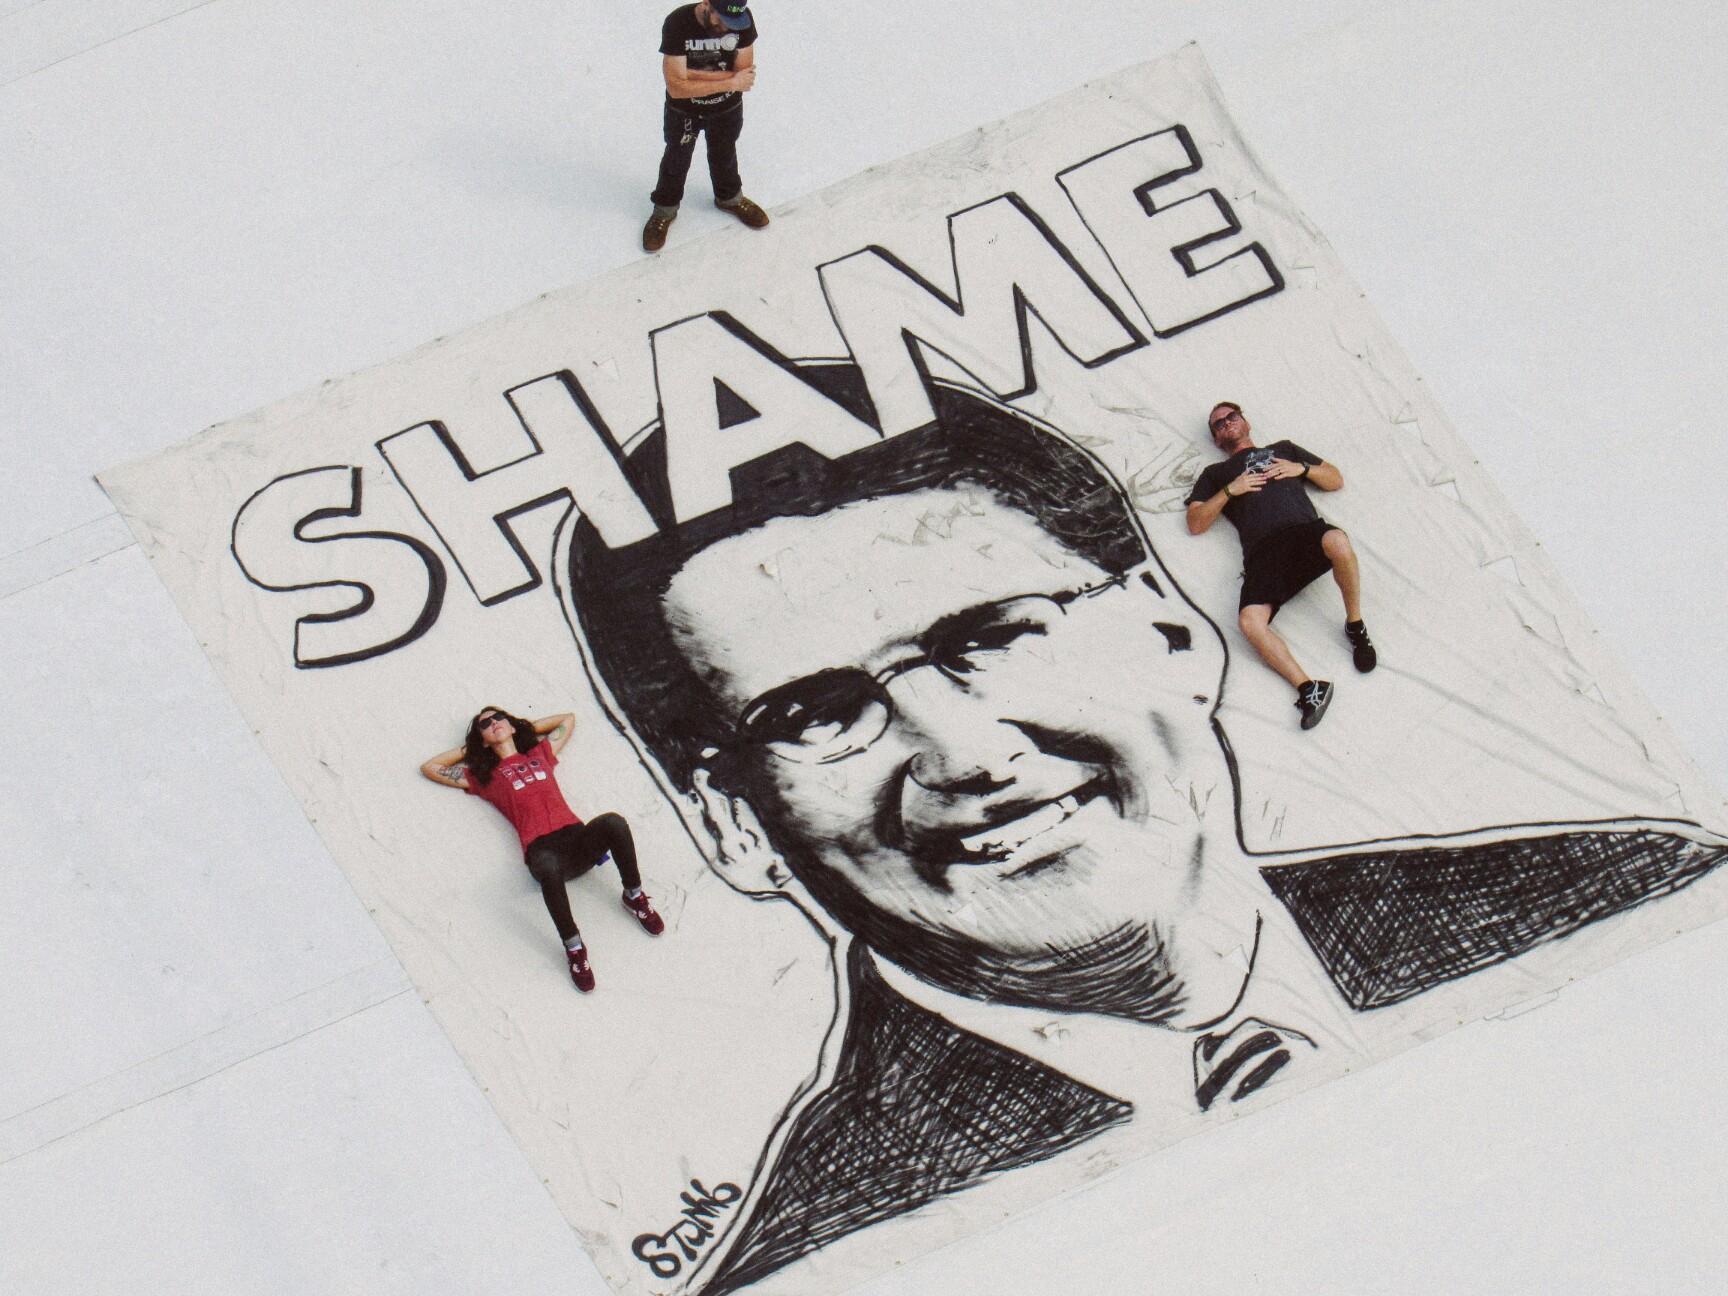 Shame Banner 2 by tim lytvinenko.JPG